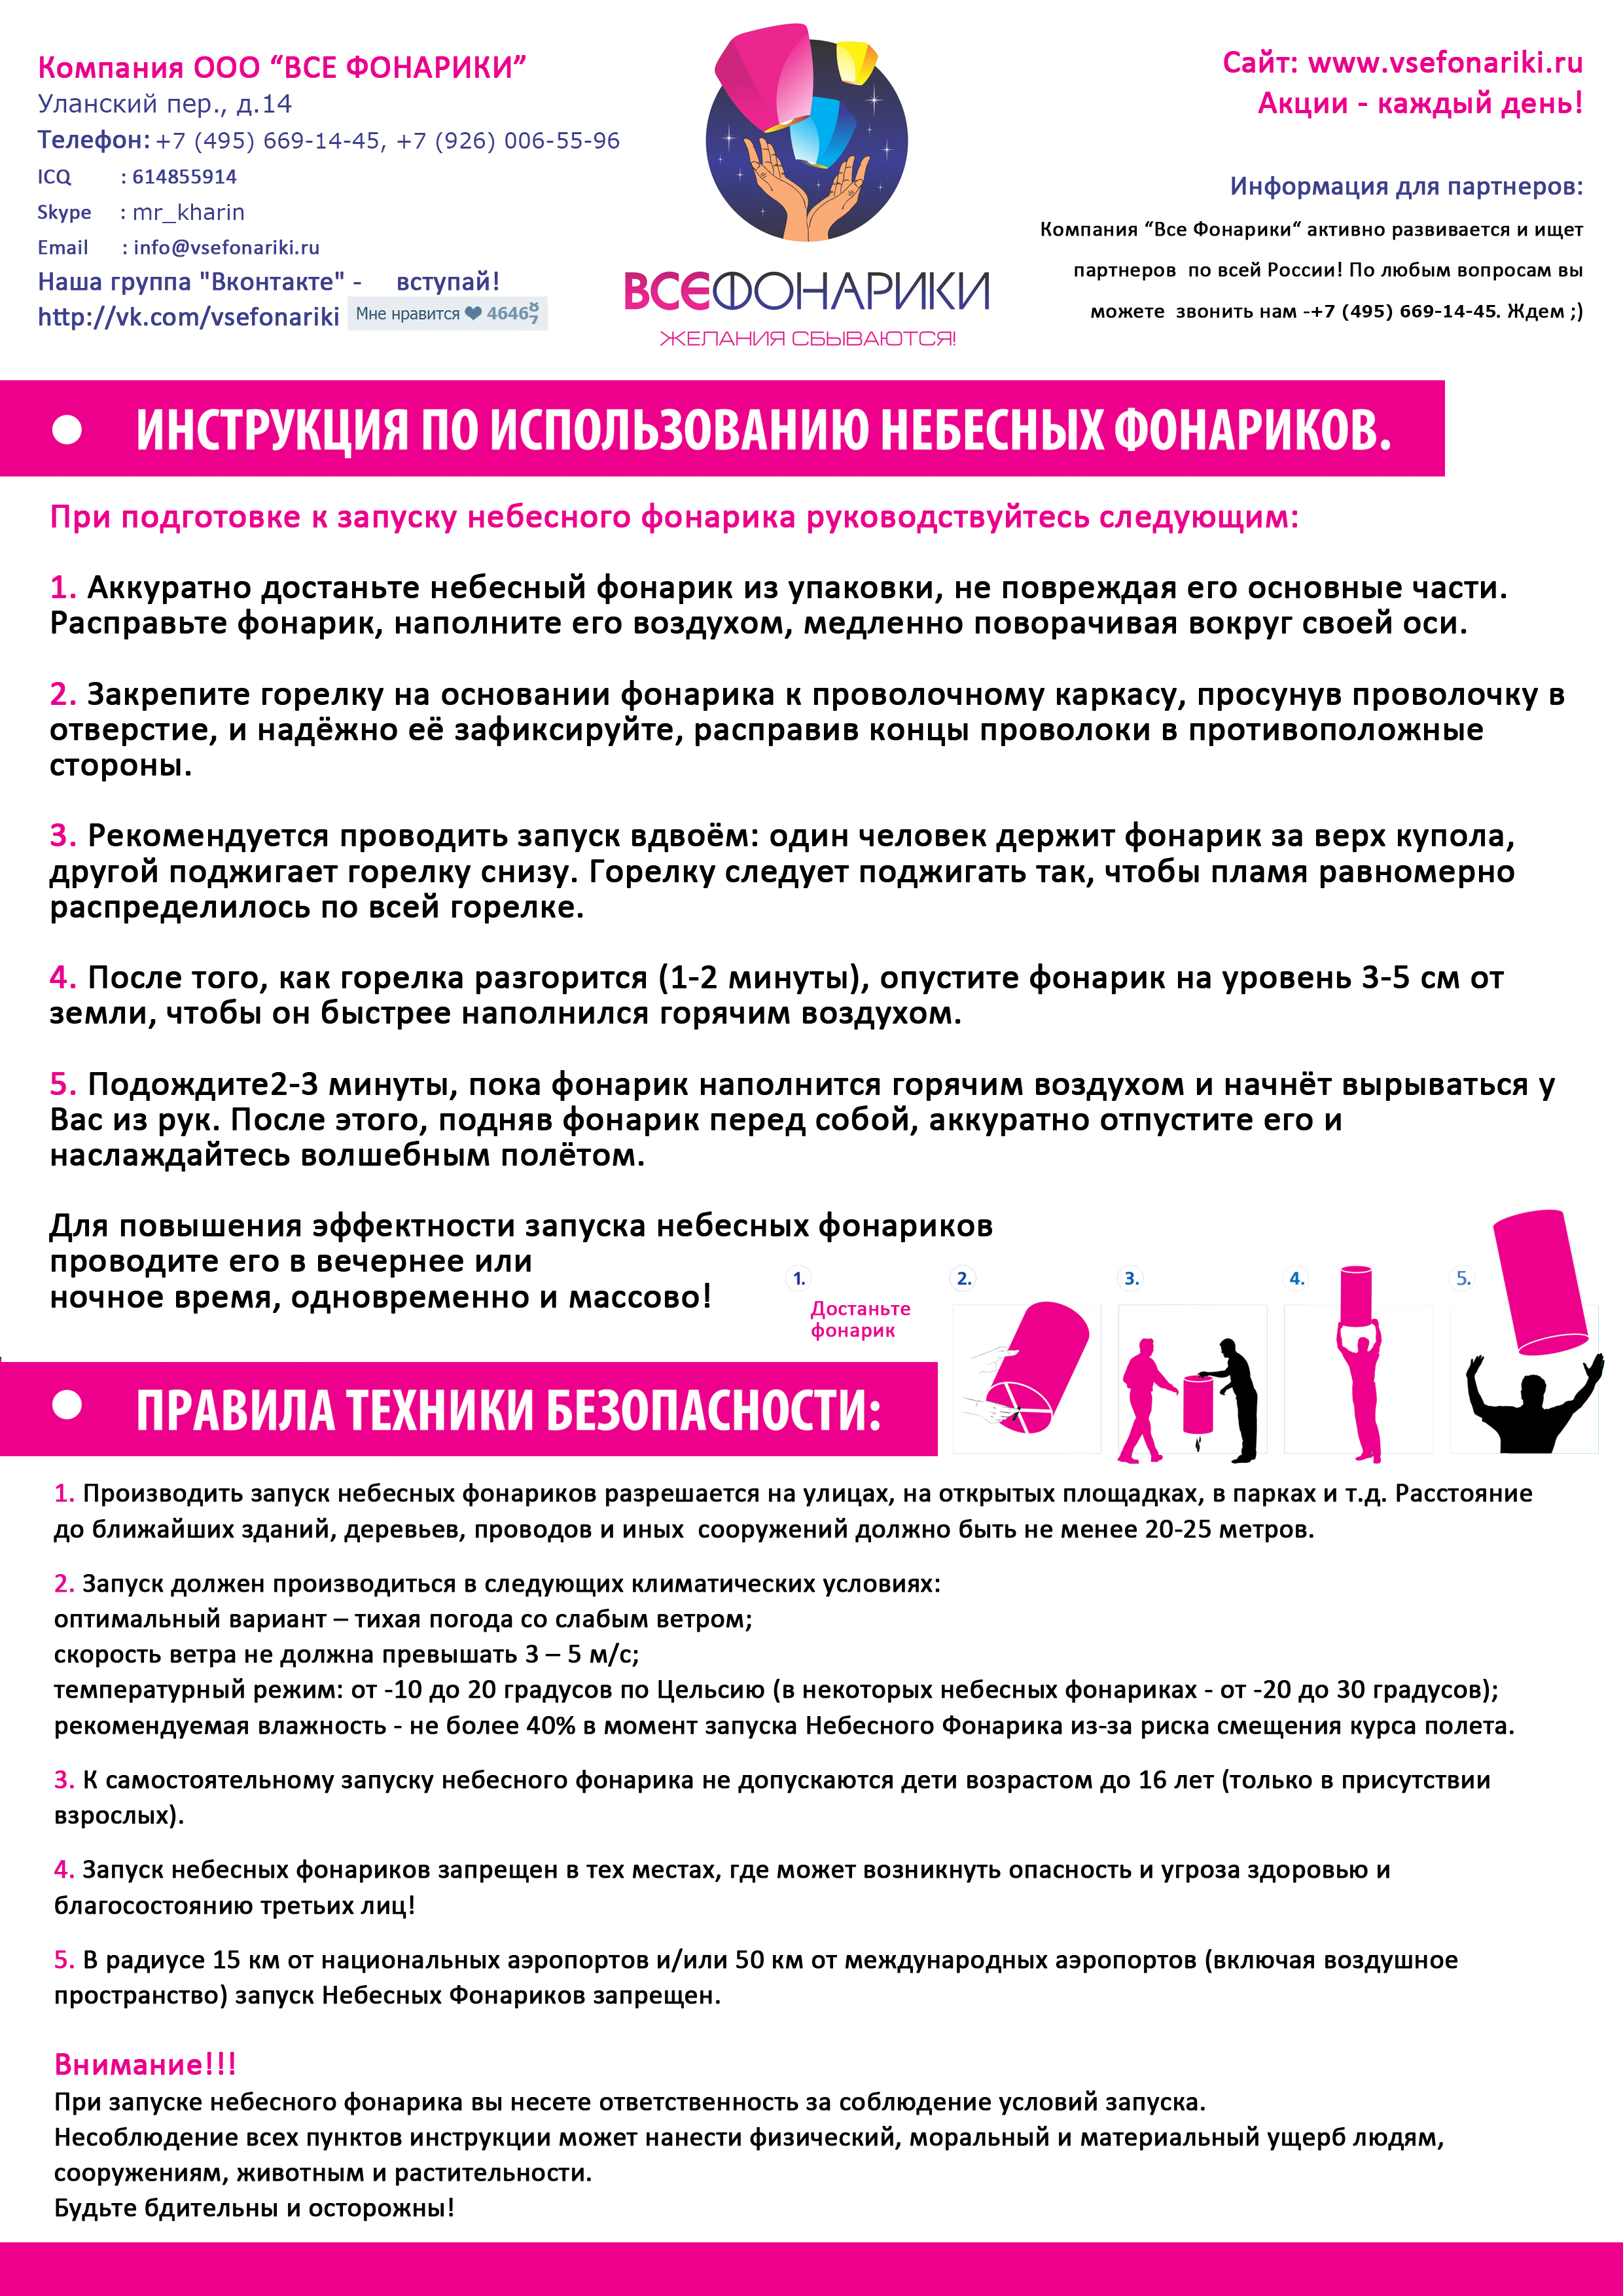 https://vsefonariki.ru/images/upload/Инструкция.jpg